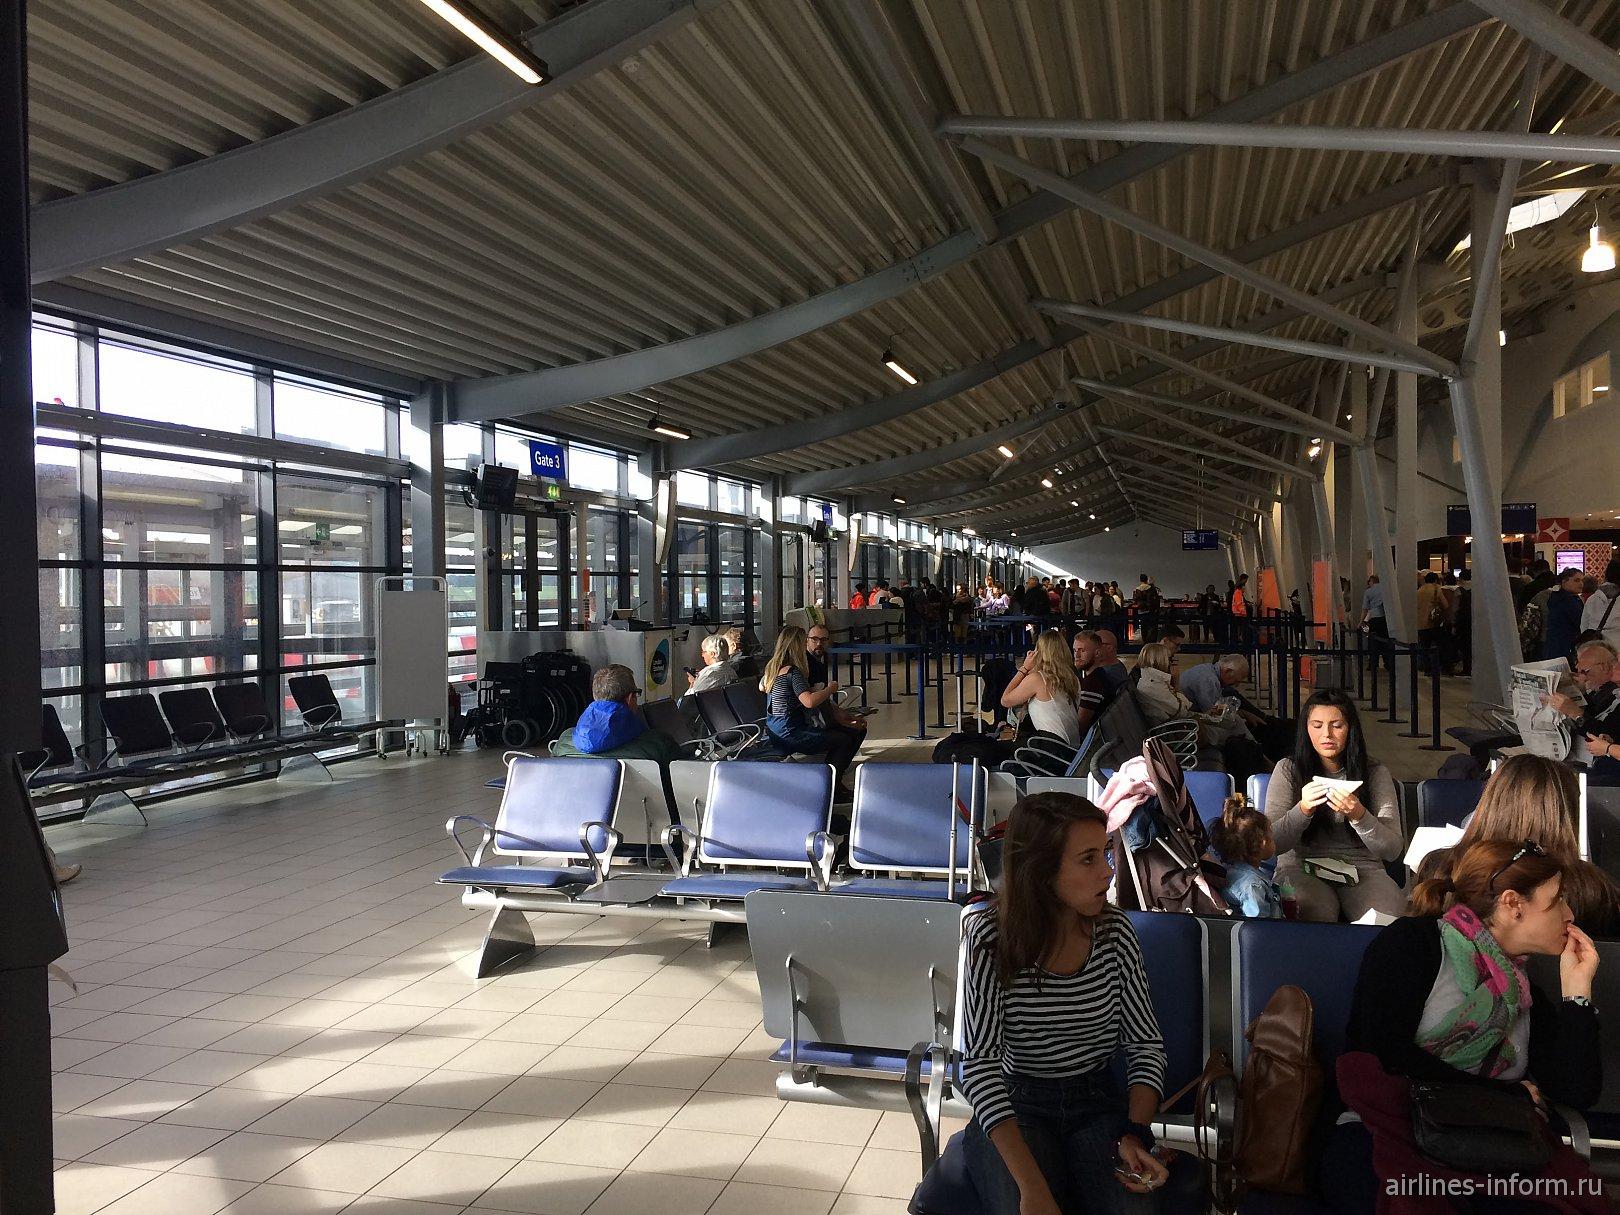 В чистой зоне аэропорта Лондон Саутенд